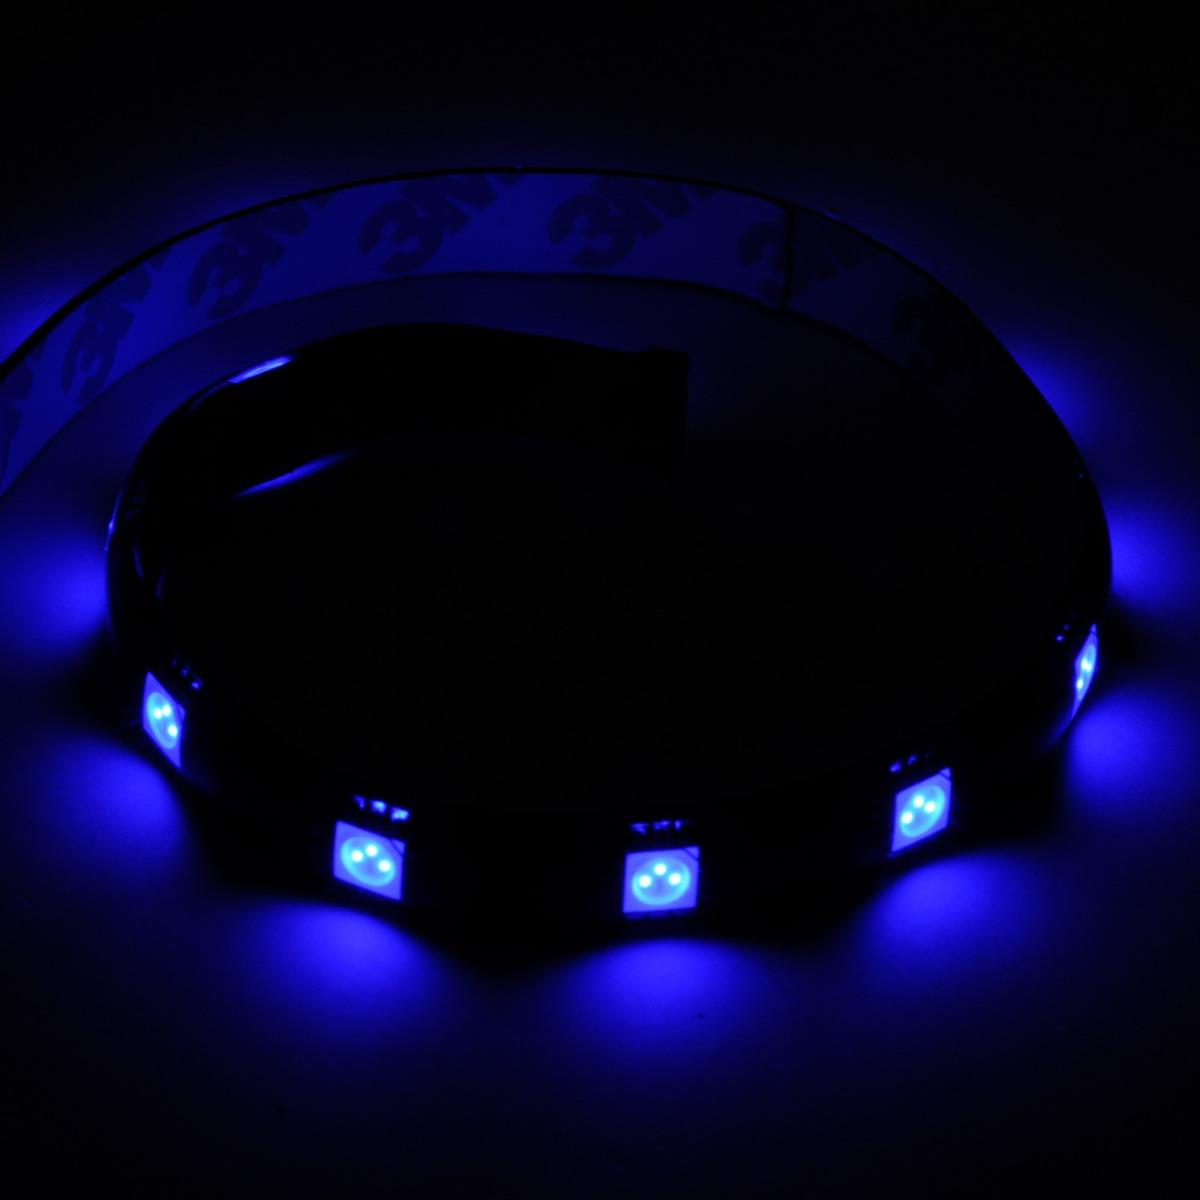 Tira de leds silverstone varios colores pc gabinetes gamer for Tiras led de colores